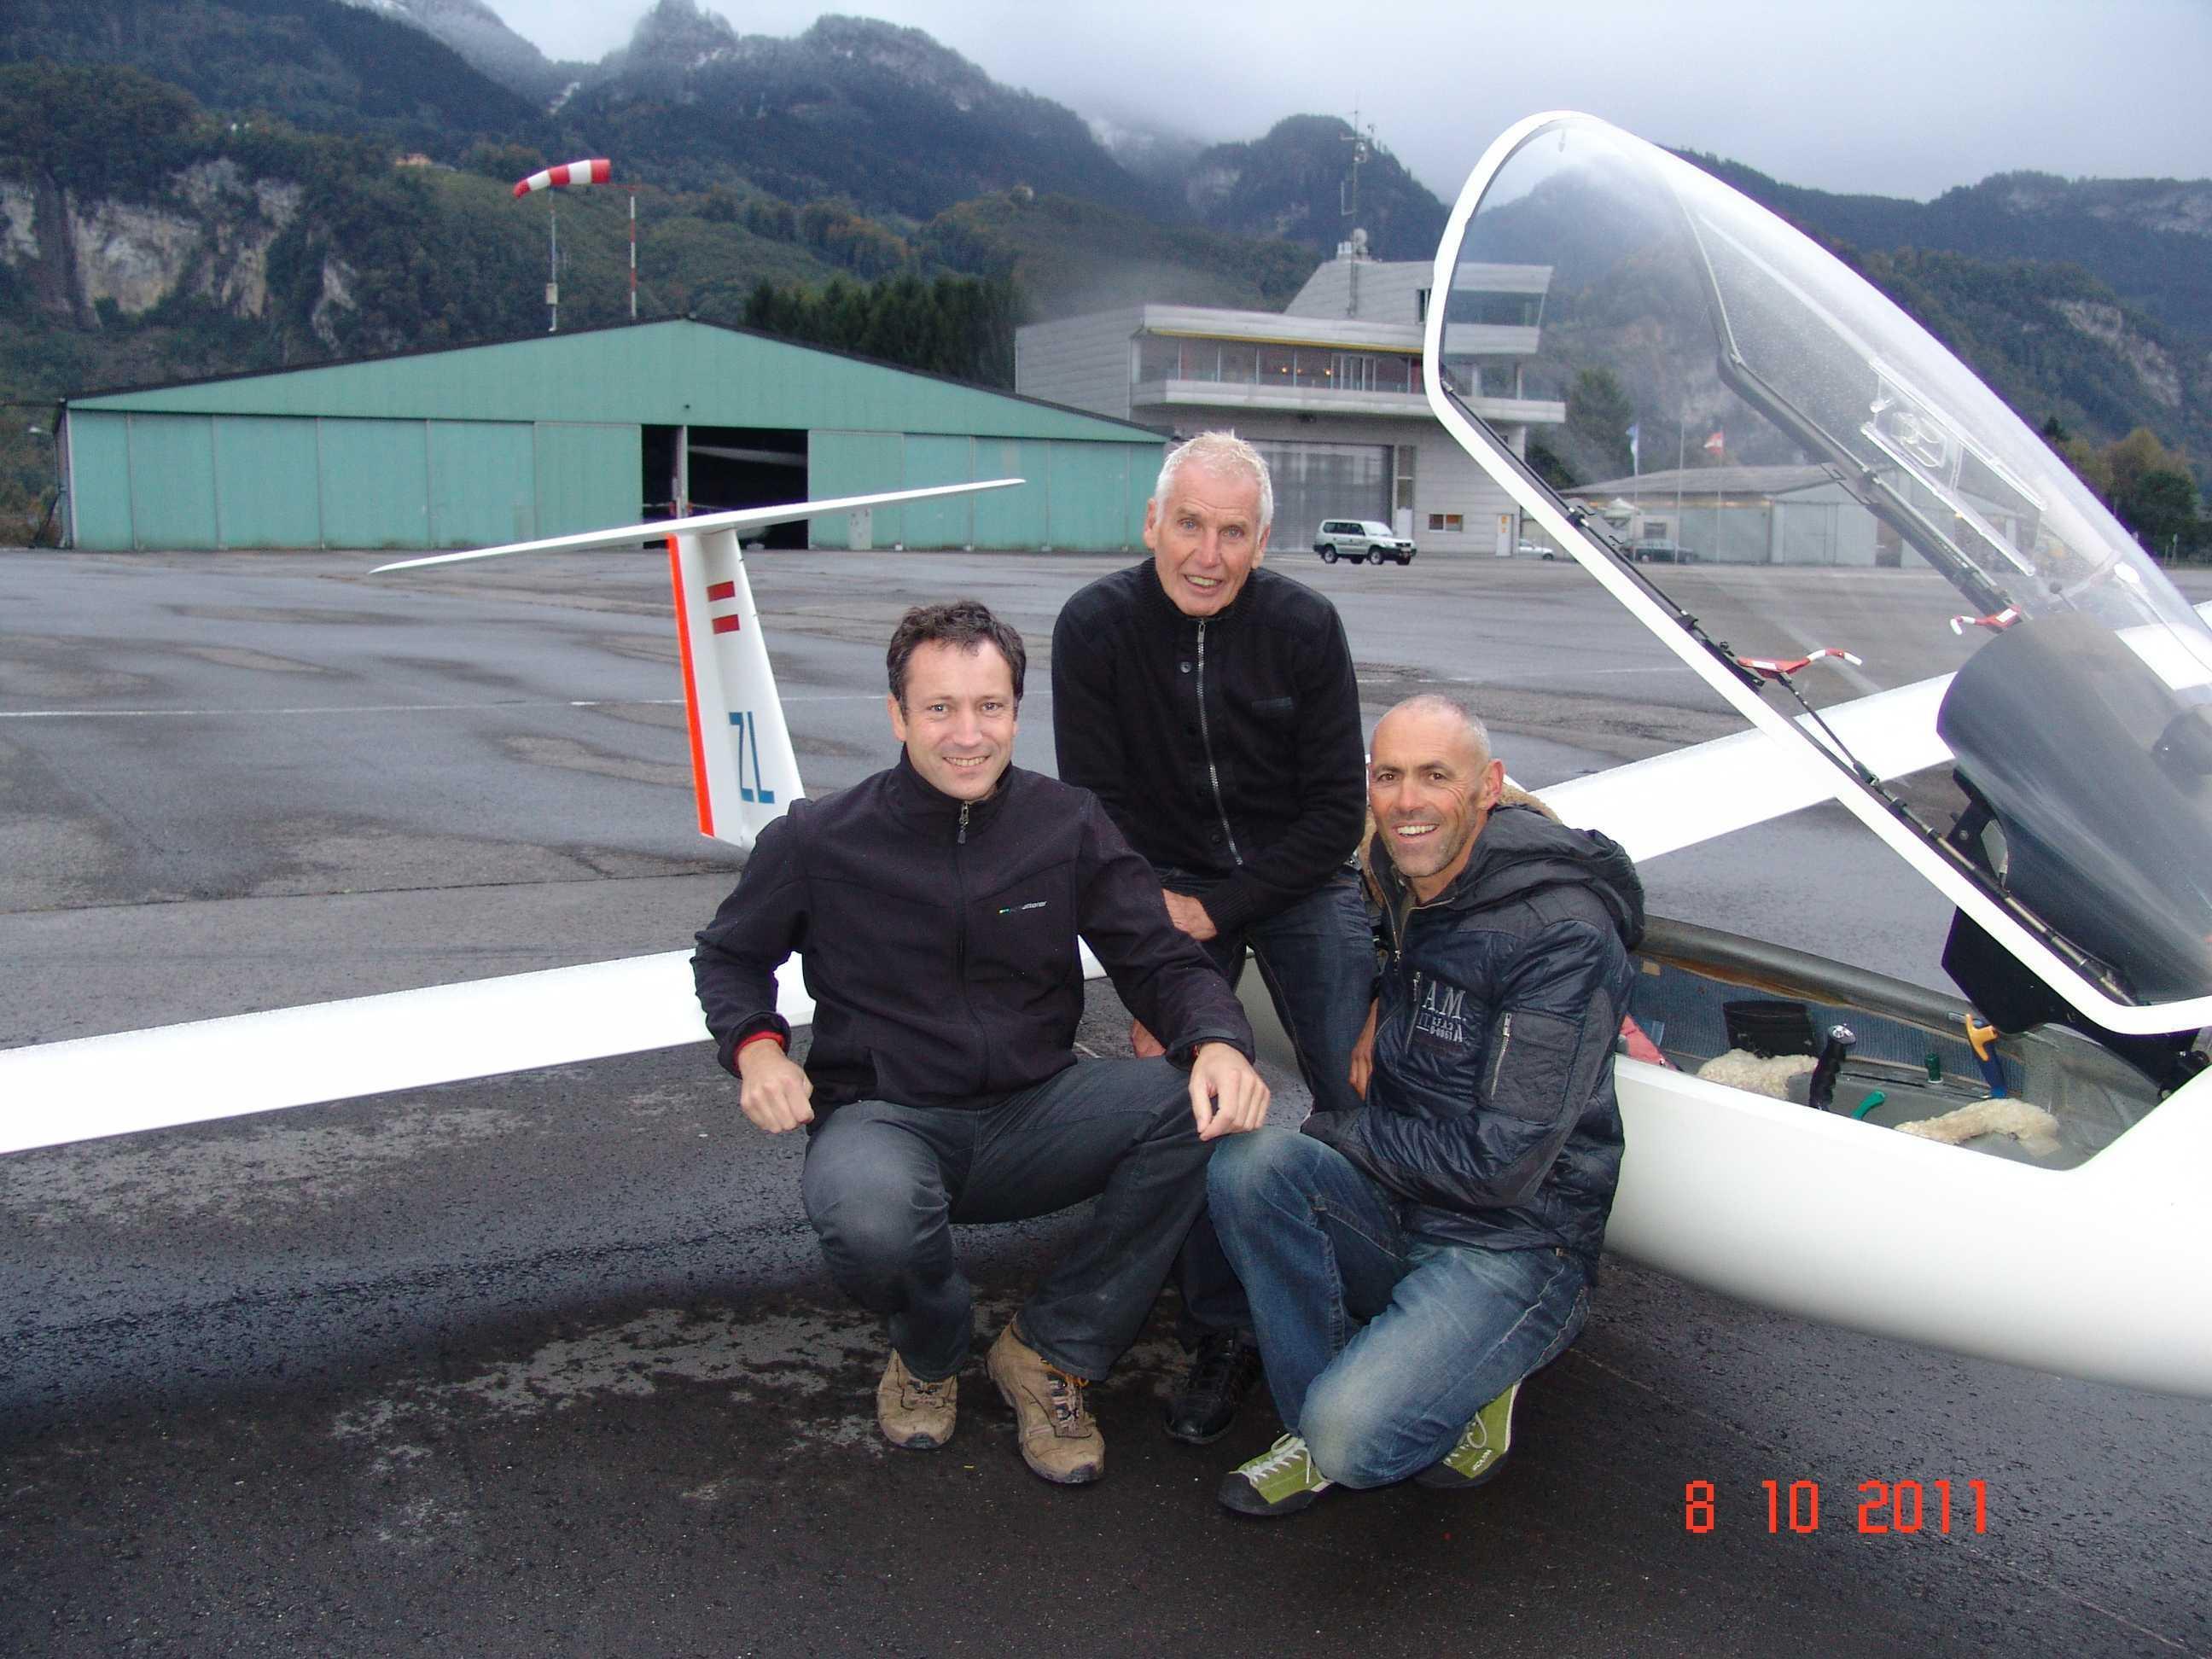 Die Macher in der österr. Segelfliegerszene: Werner Amann, Heinz Hämmerle und Peter Mungenanst